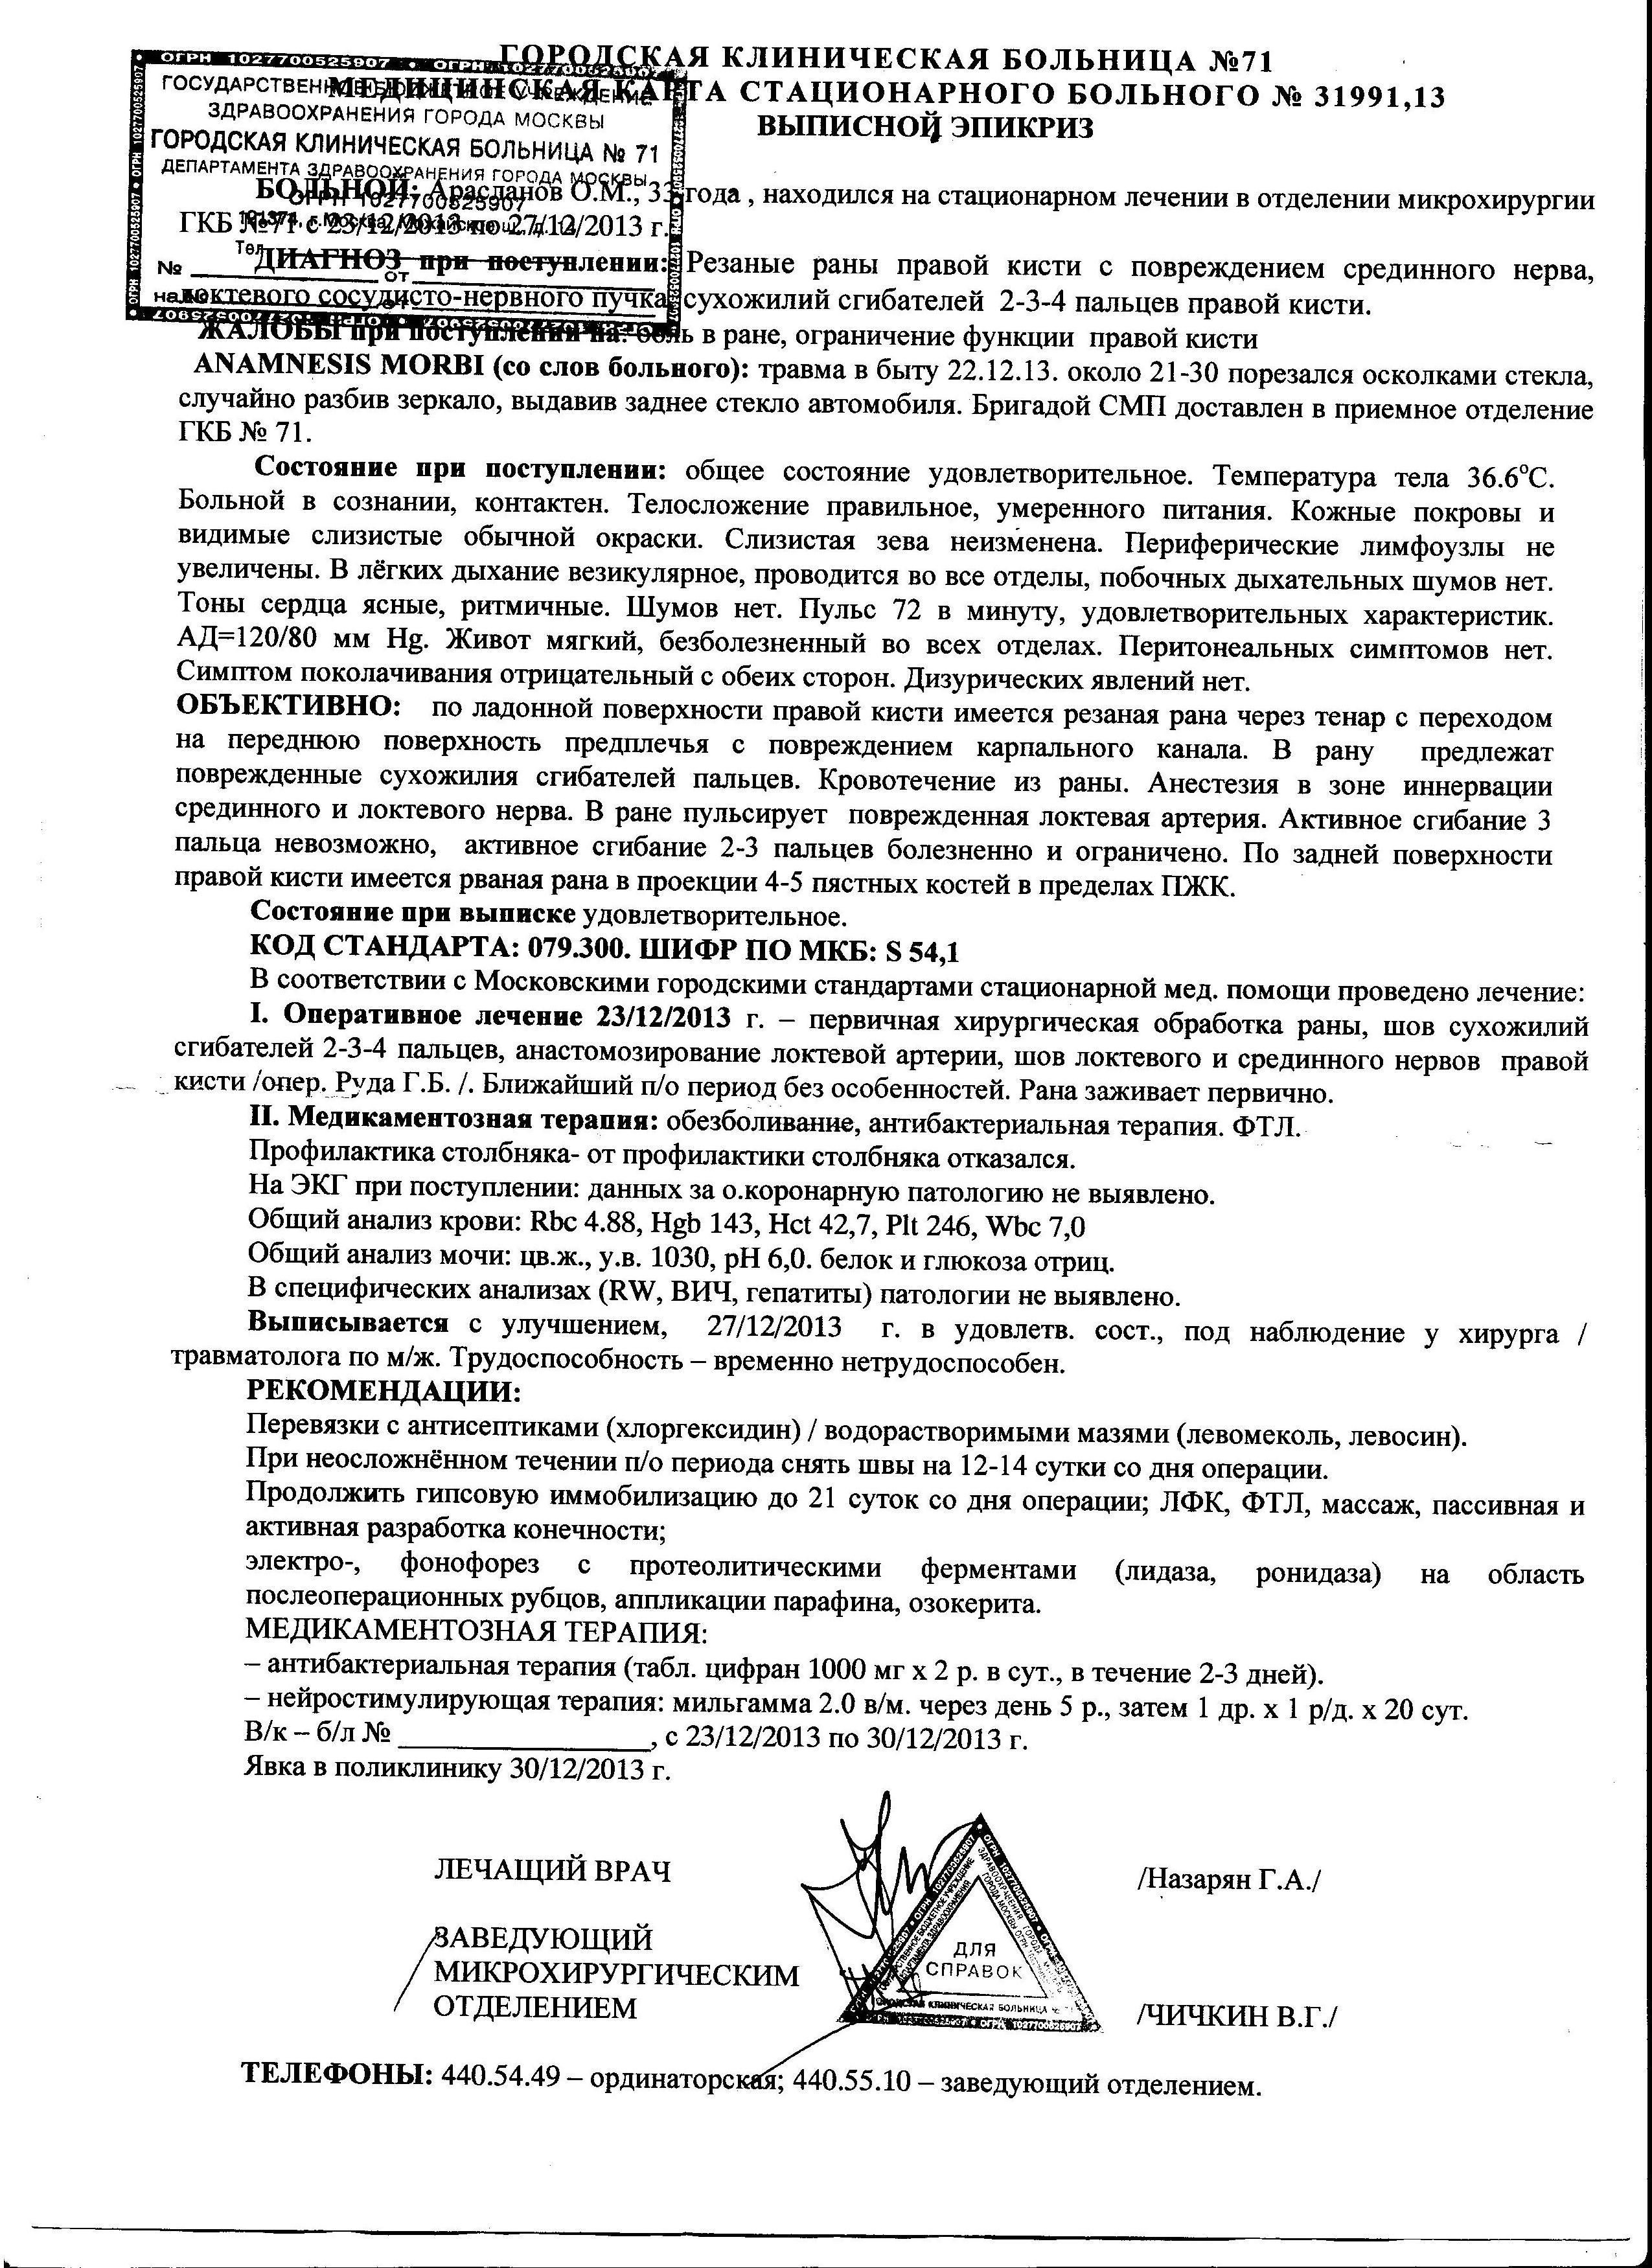 http://s9.uploads.ru/C6KdX.jpg